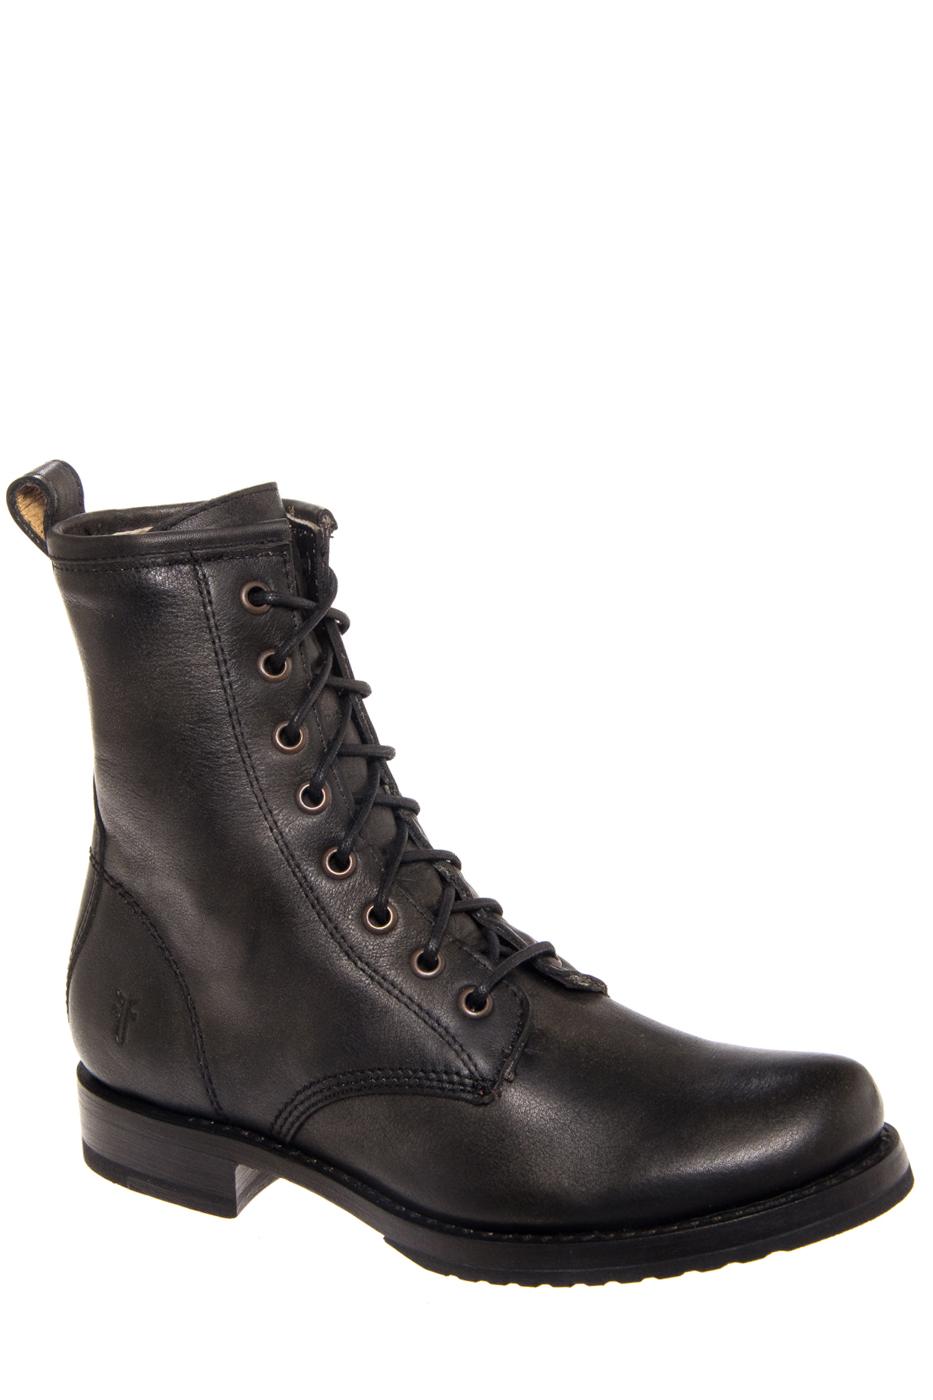 Frye Veronica Combat Low Heel Boots - Black